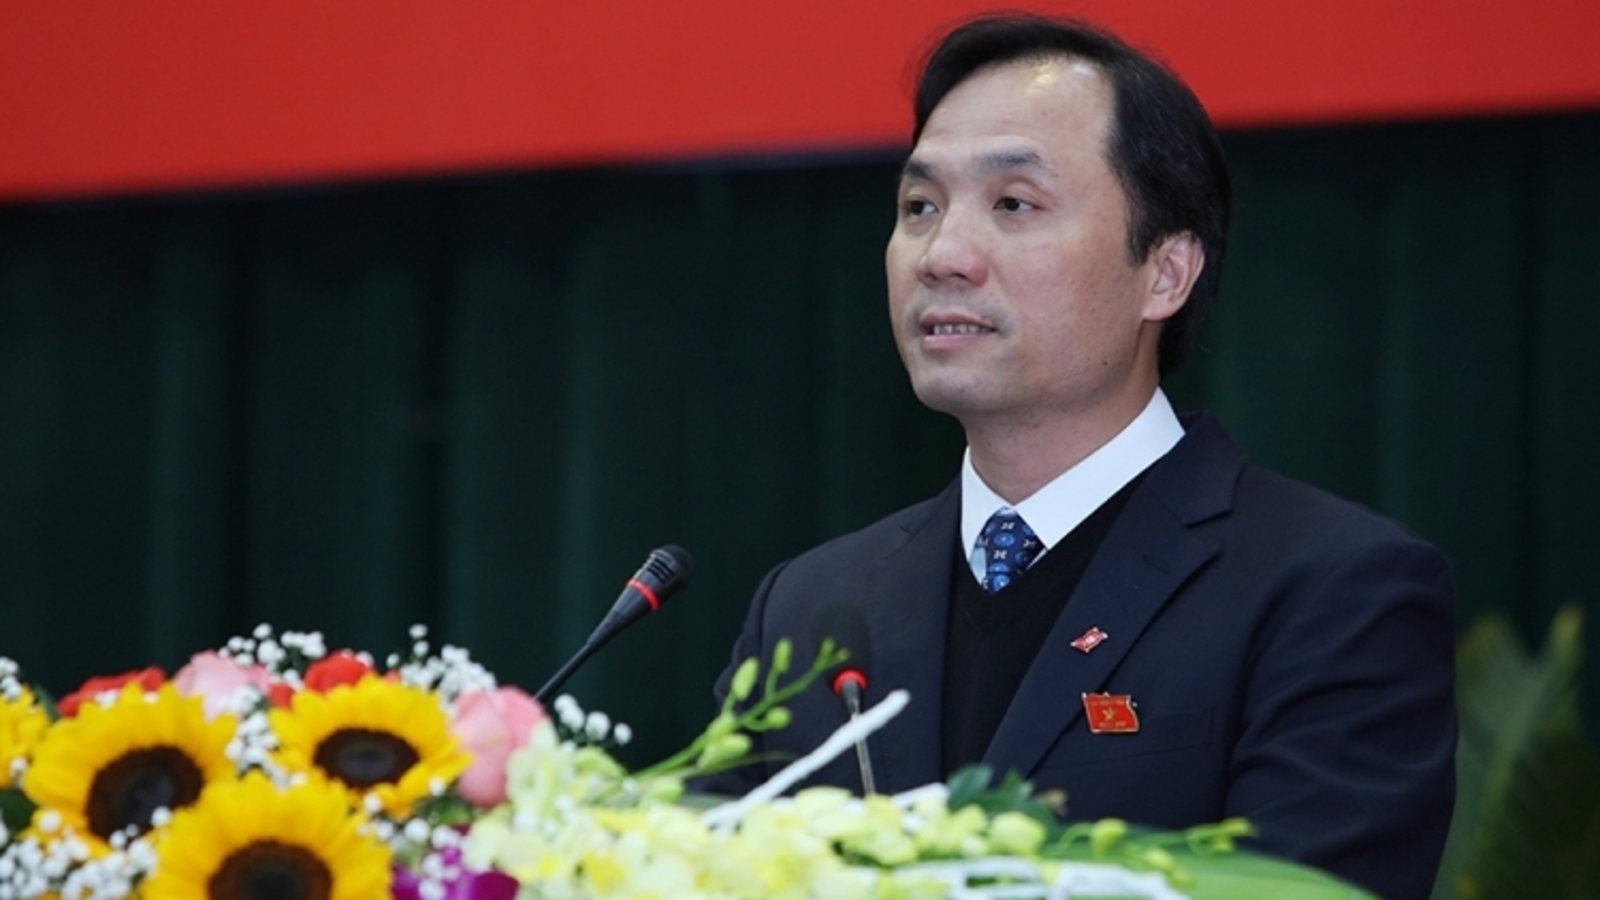 Tân Bí thư Tỉnh ủy được bầu giữ chức Chủ tịch HĐND tỉnh Hà Tĩnh